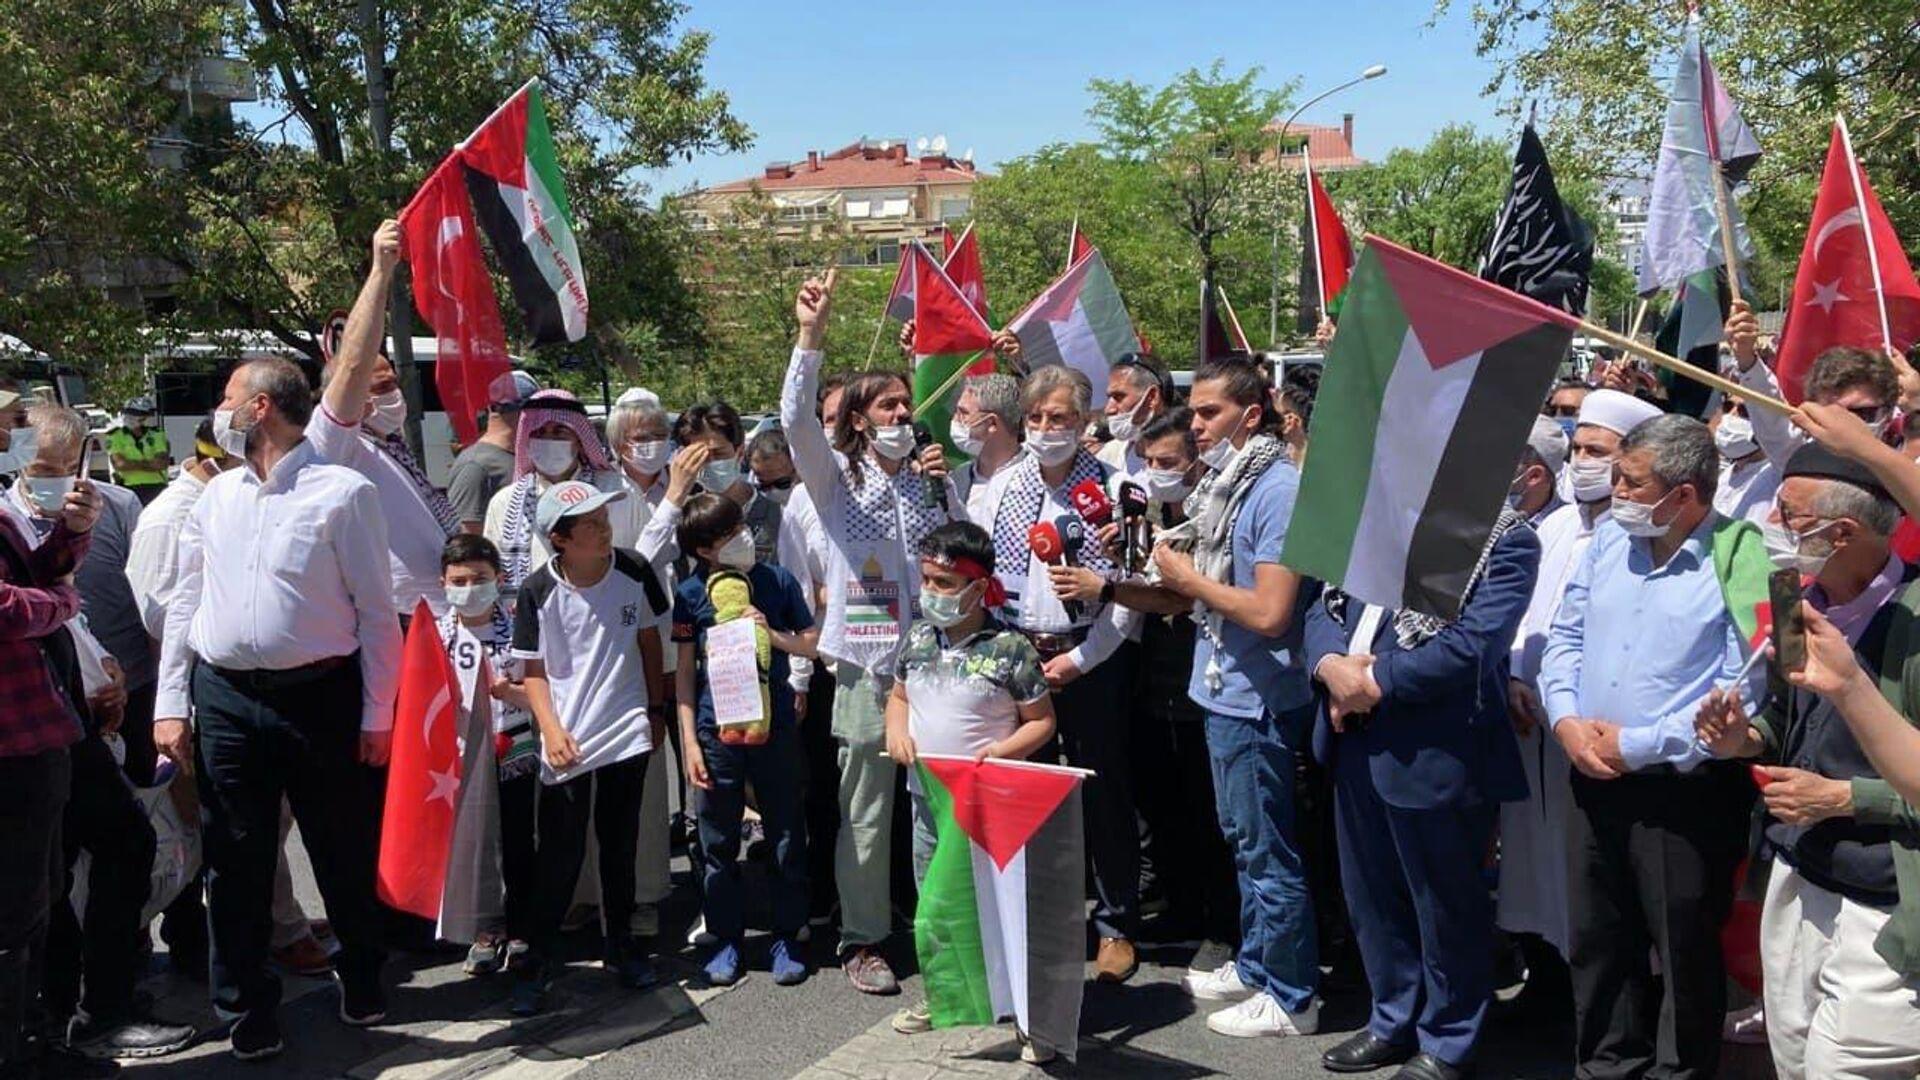 Акция протеста после обострения израильско-палестинского конфликта у резиденции израильского посла в Анкаре, Турция - РИА Новости, 1920, 15.05.2021